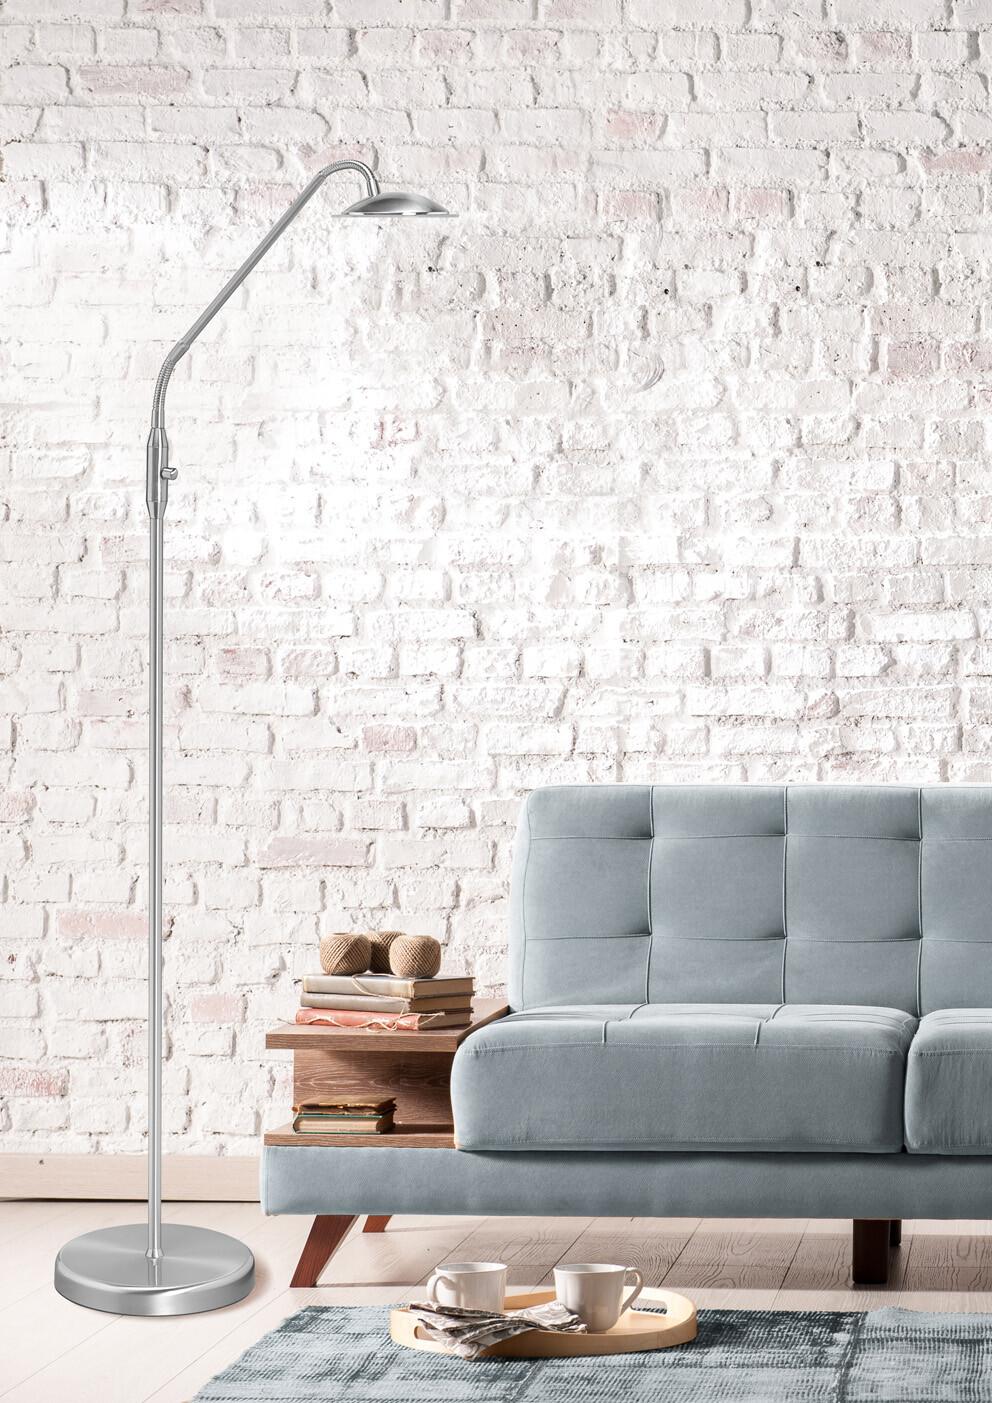 JUPITER Vloerlamp LED 1x6W/540lm Zilver